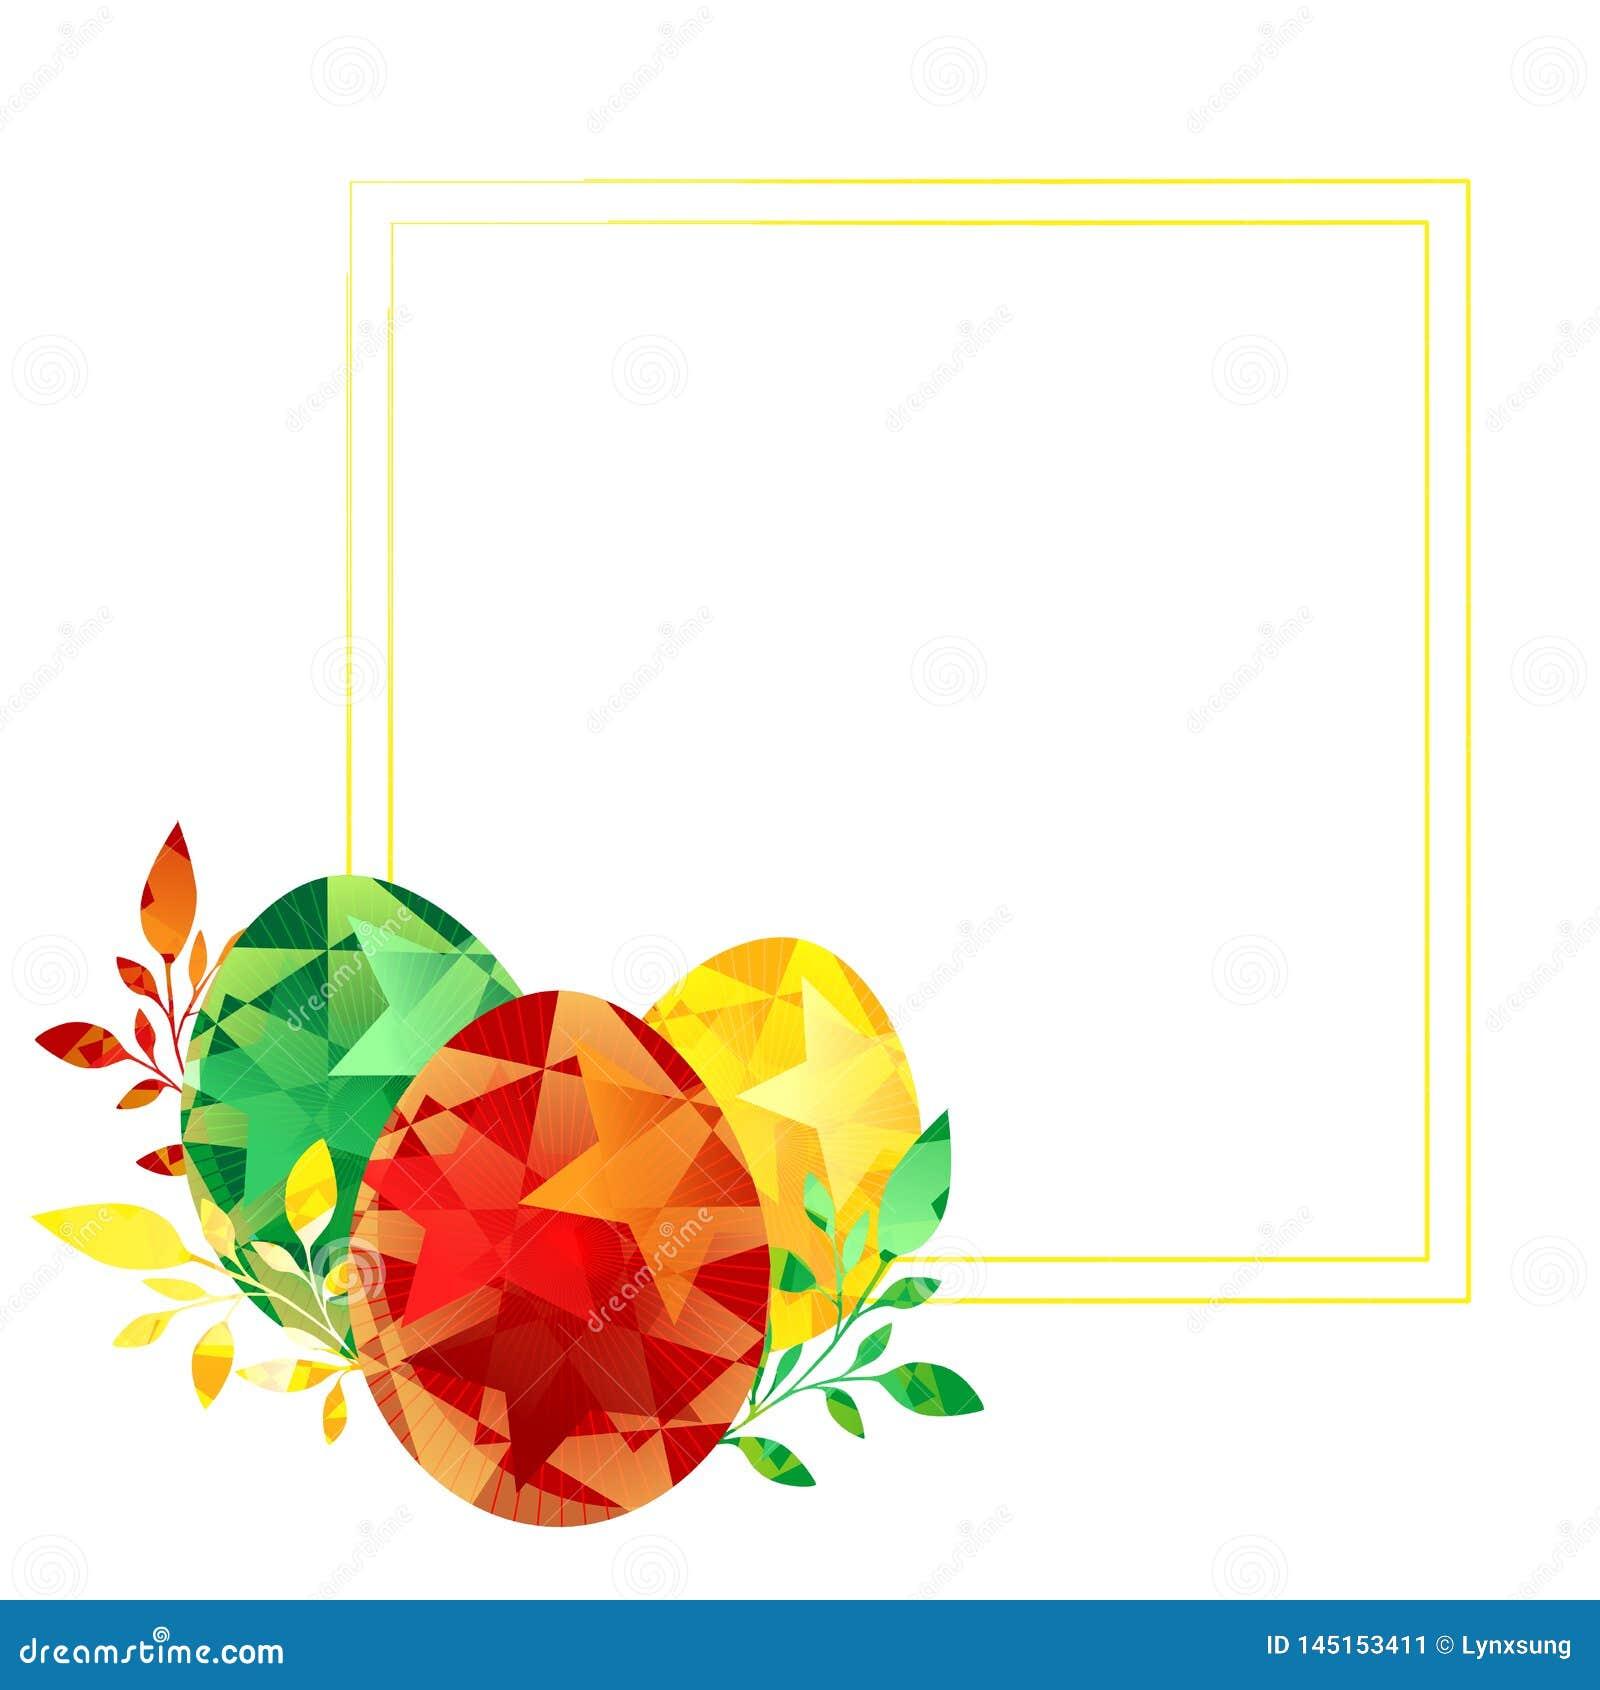 Fröhliche Ostern malten Eier, Gelbgrün, das roter Rahmen für Grußkarten benutzt werden kann, Einladungen, Anzeige, Fahne, Fr